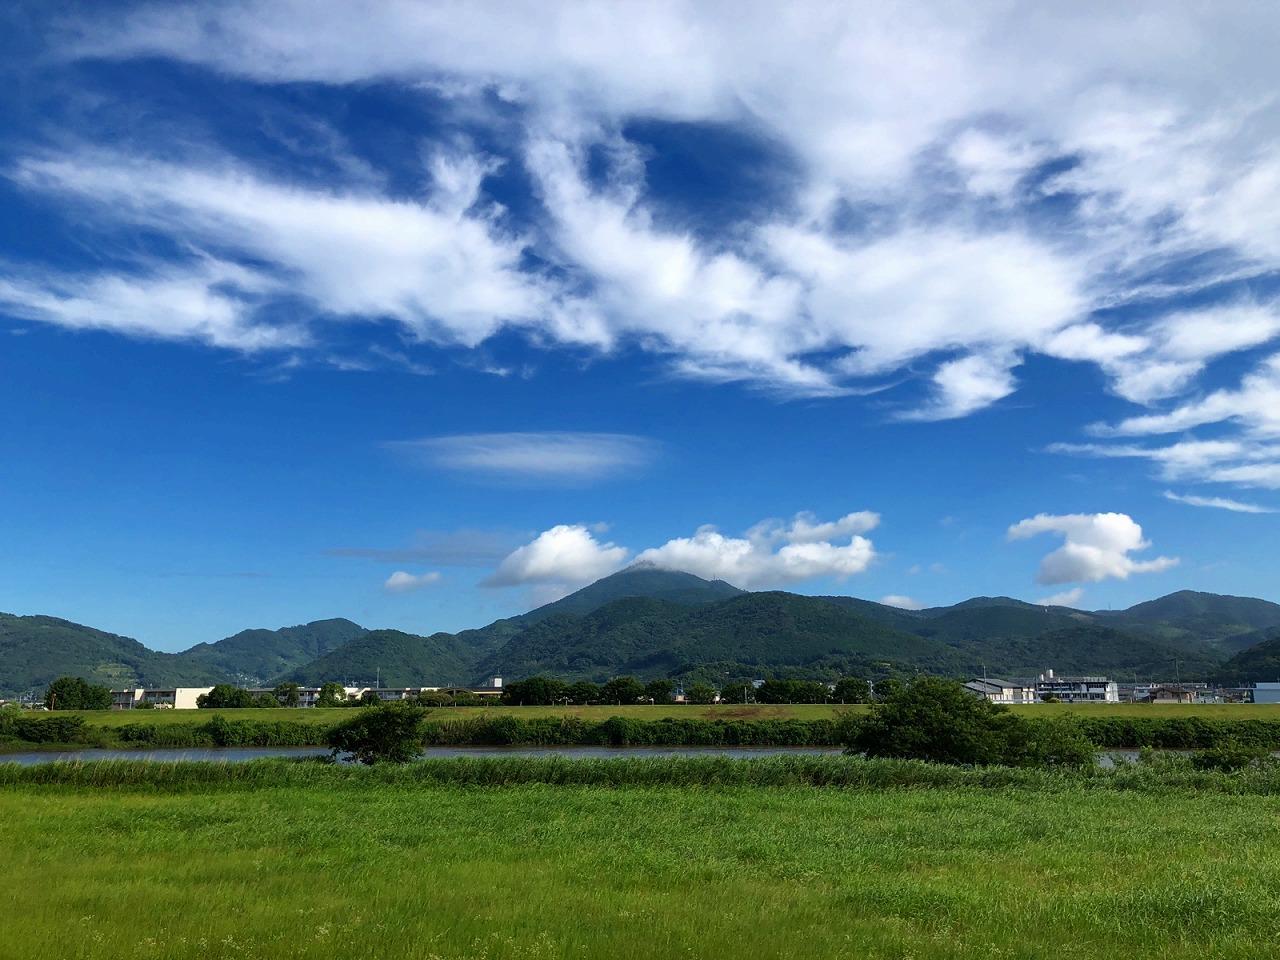 2018.7.4台風明けの今朝の金峰山